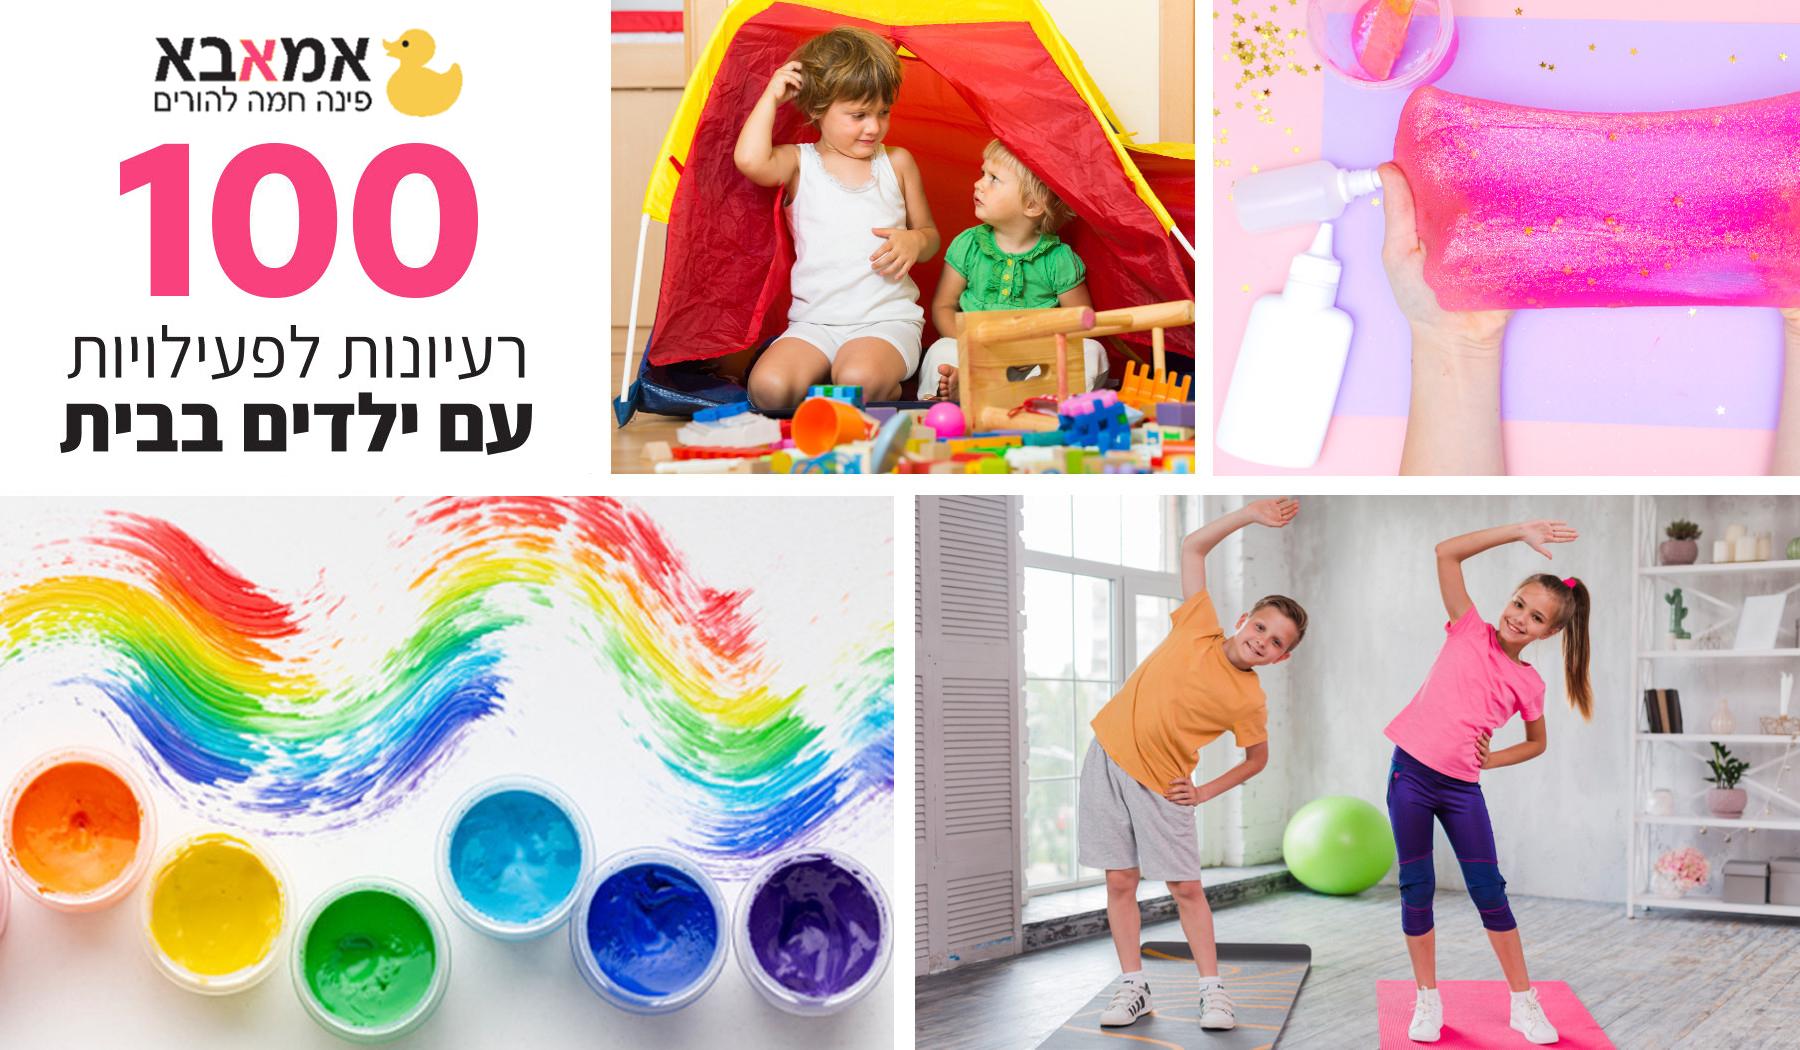 100 רעיונות לפעילויות עם ילדים בבית